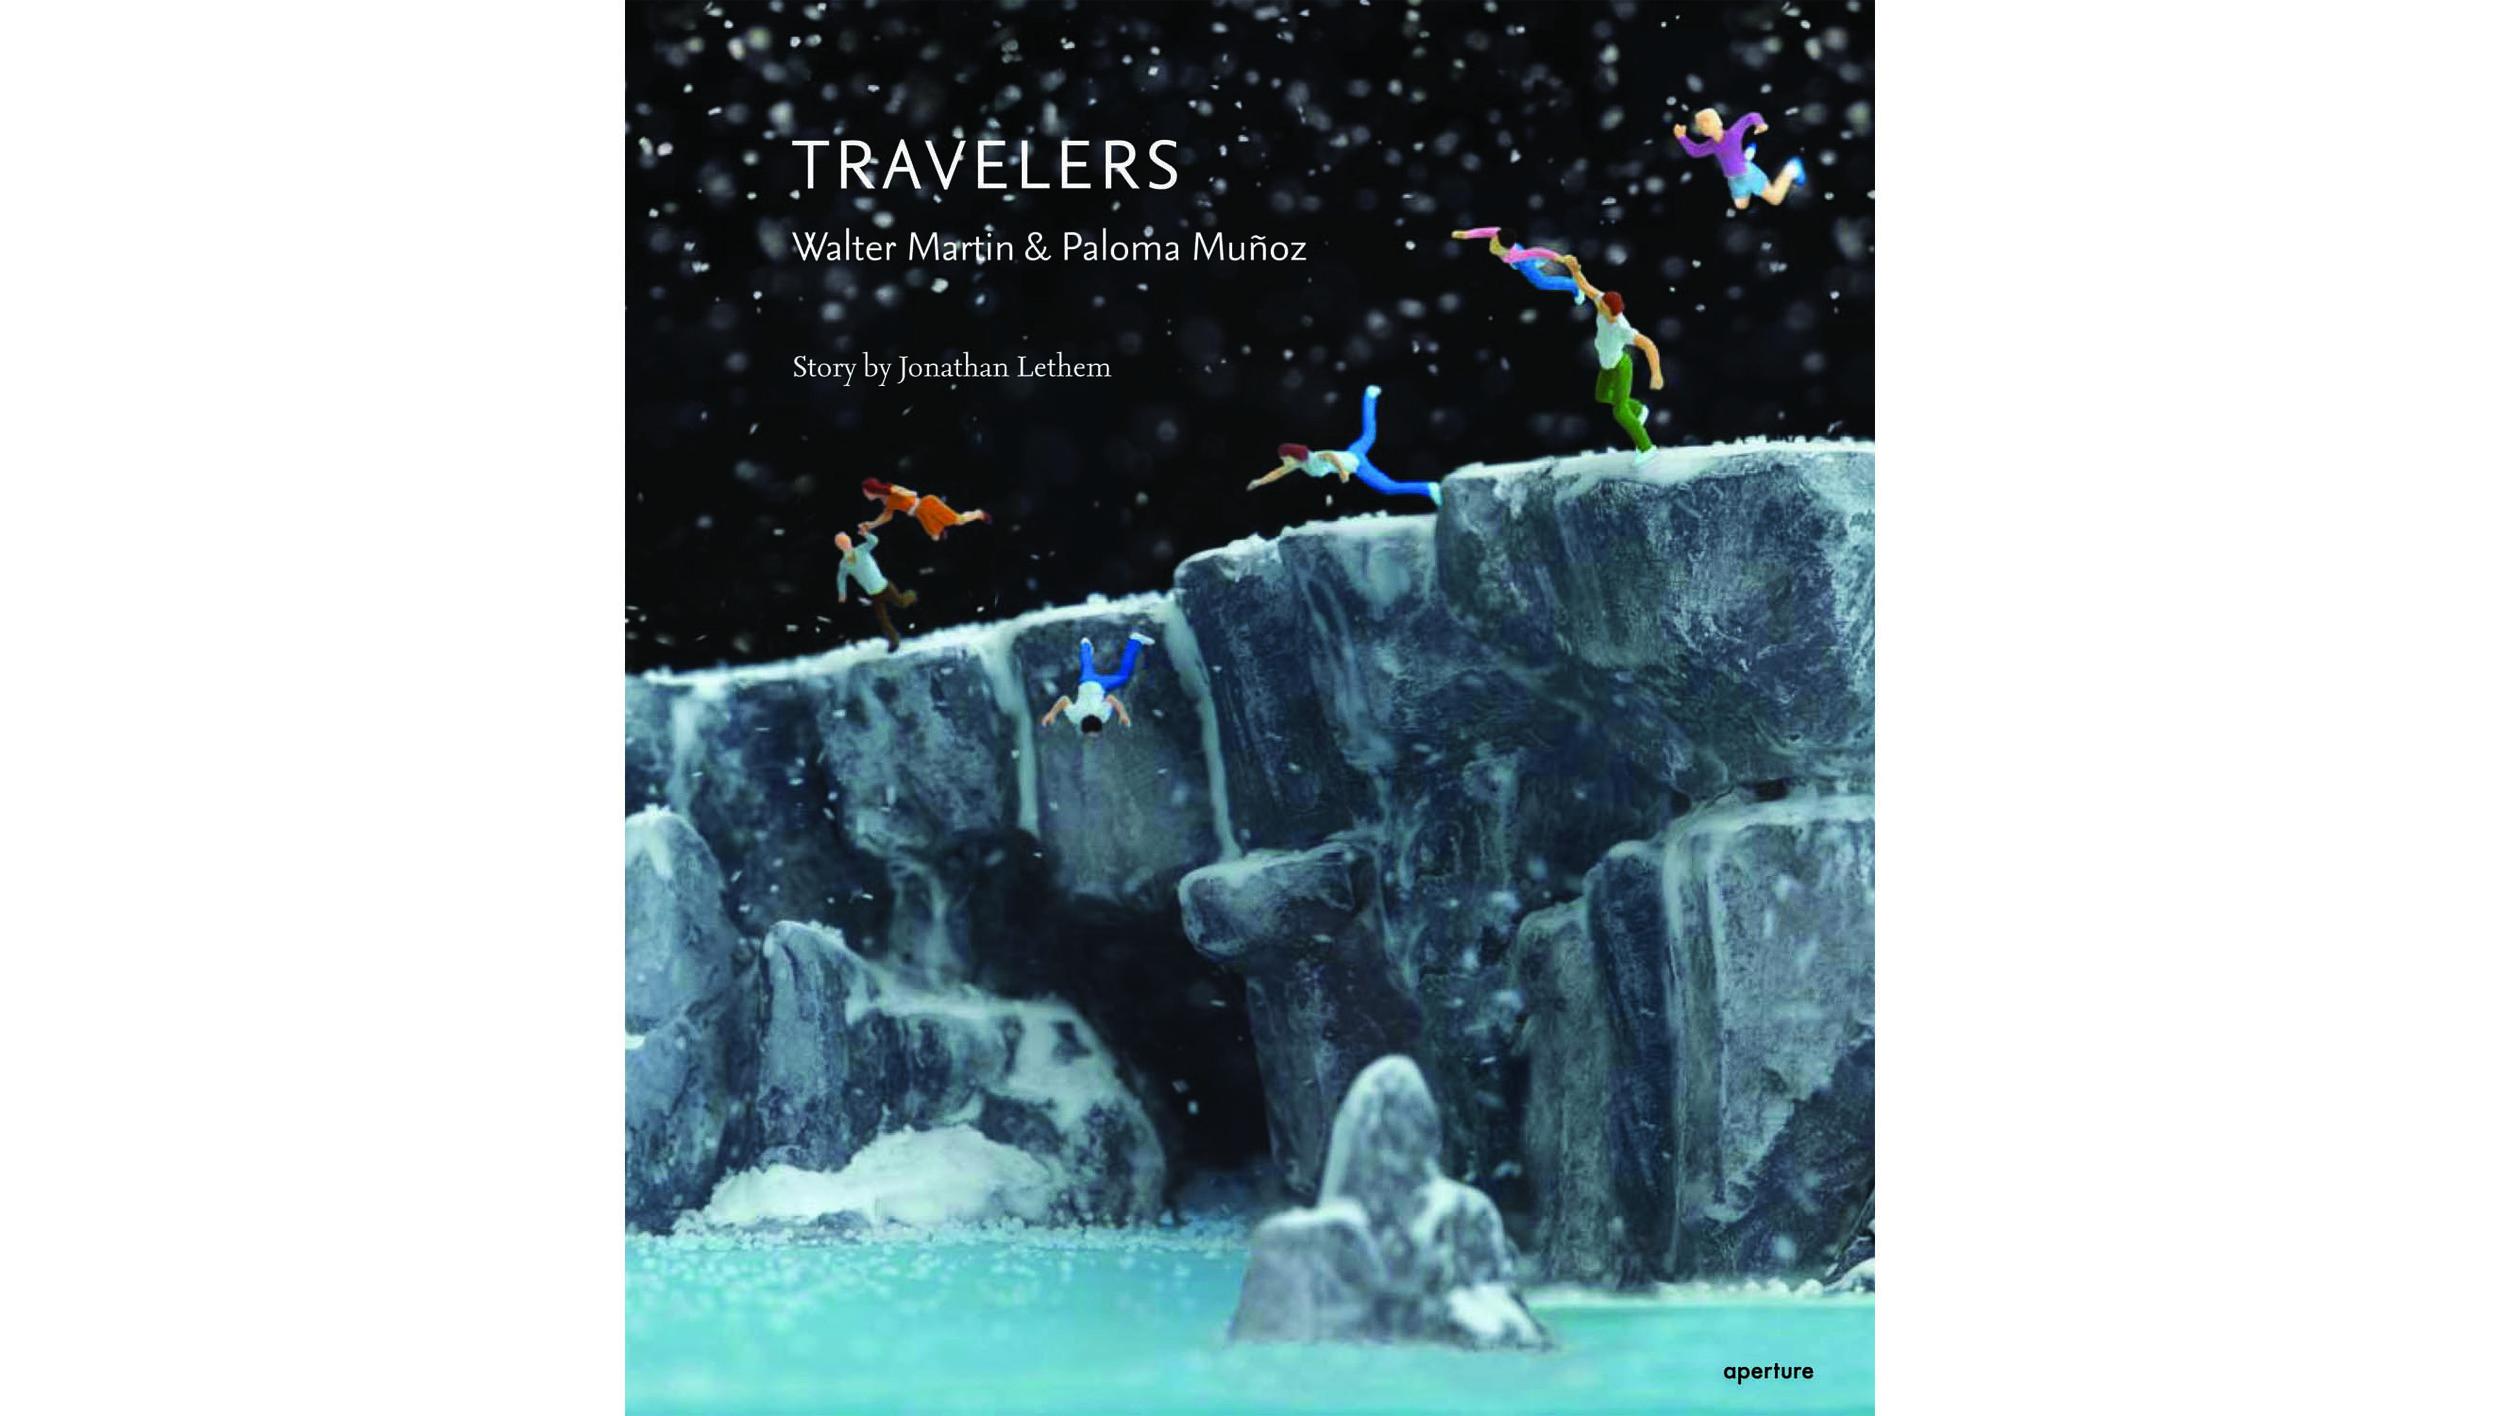 travelerscover.jpg